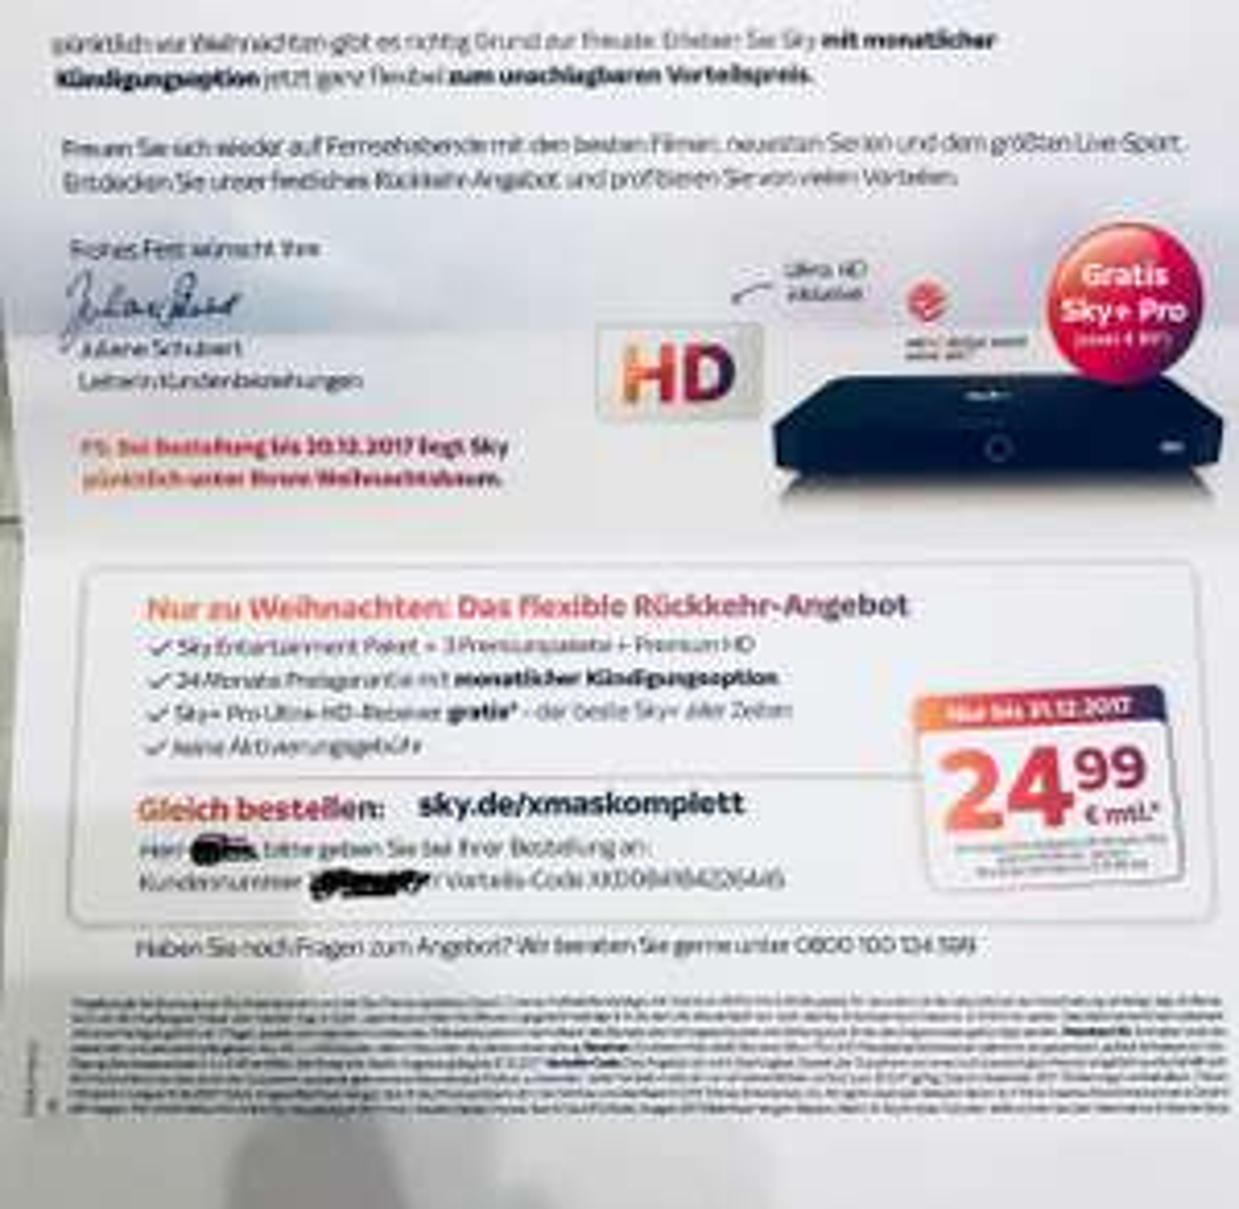 Sky Komplett mit HD und UHD Receiver / monatlich kündbar